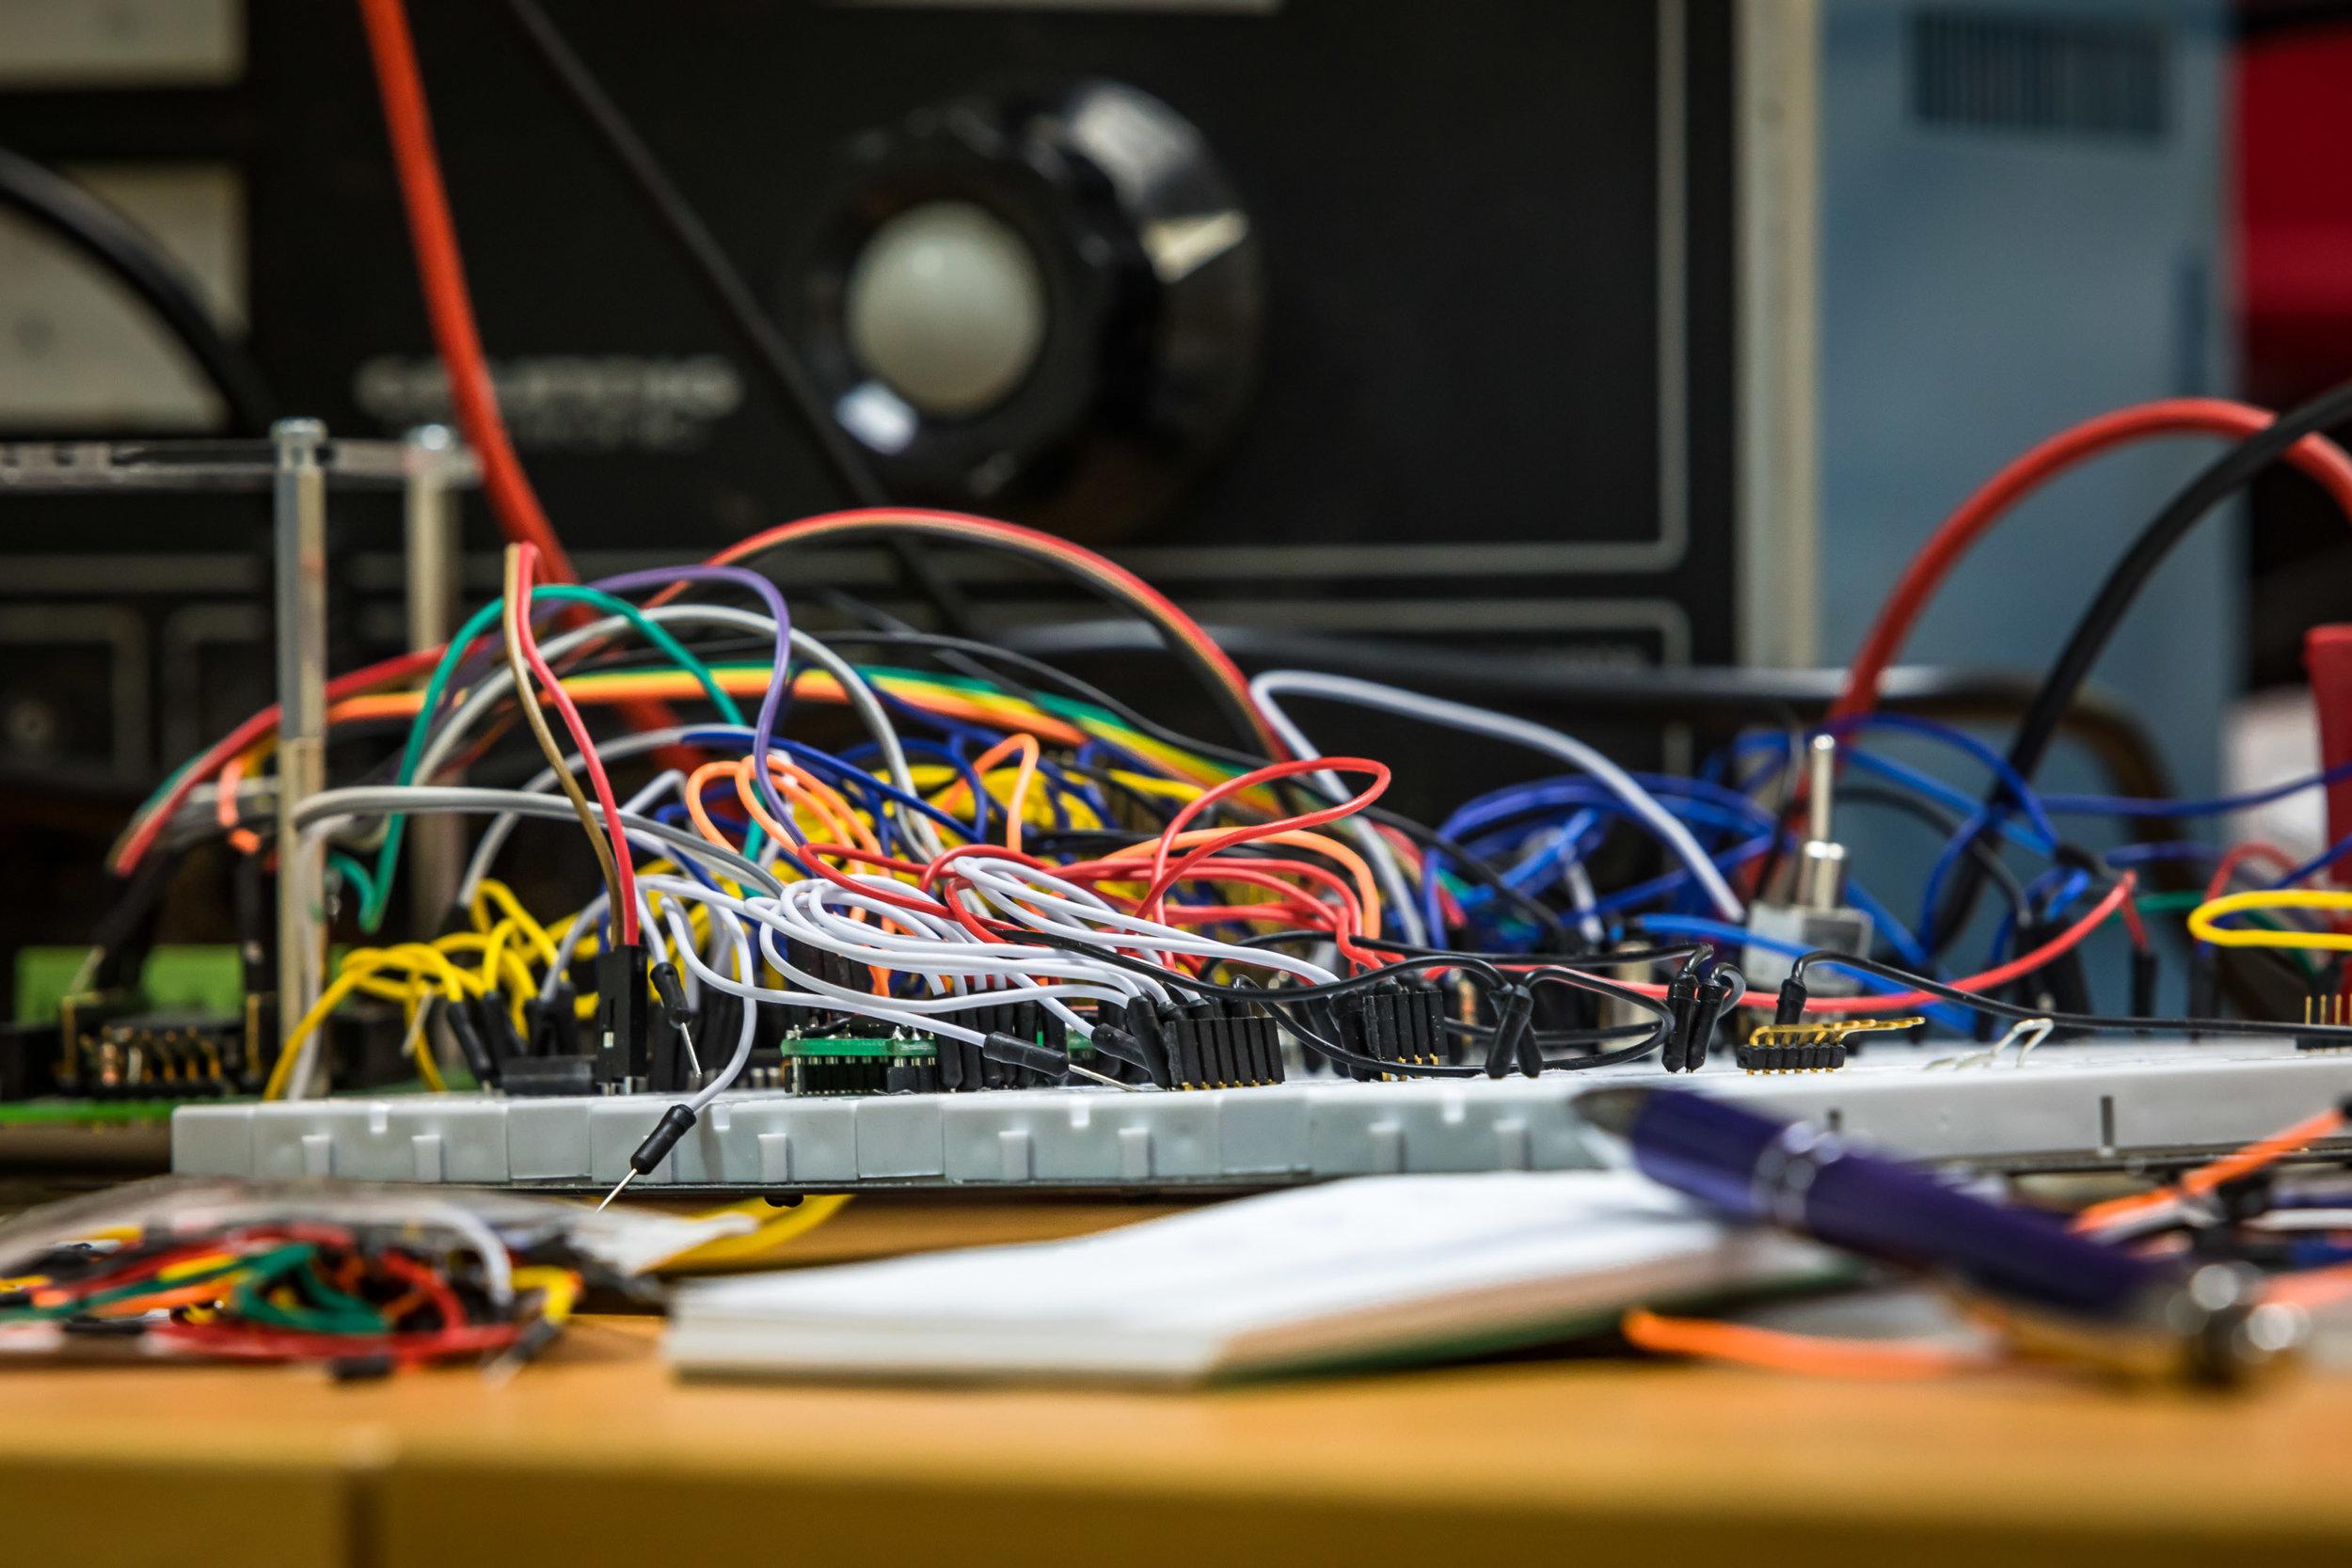 Testaufbau zur Entwicklung eines Prototypen